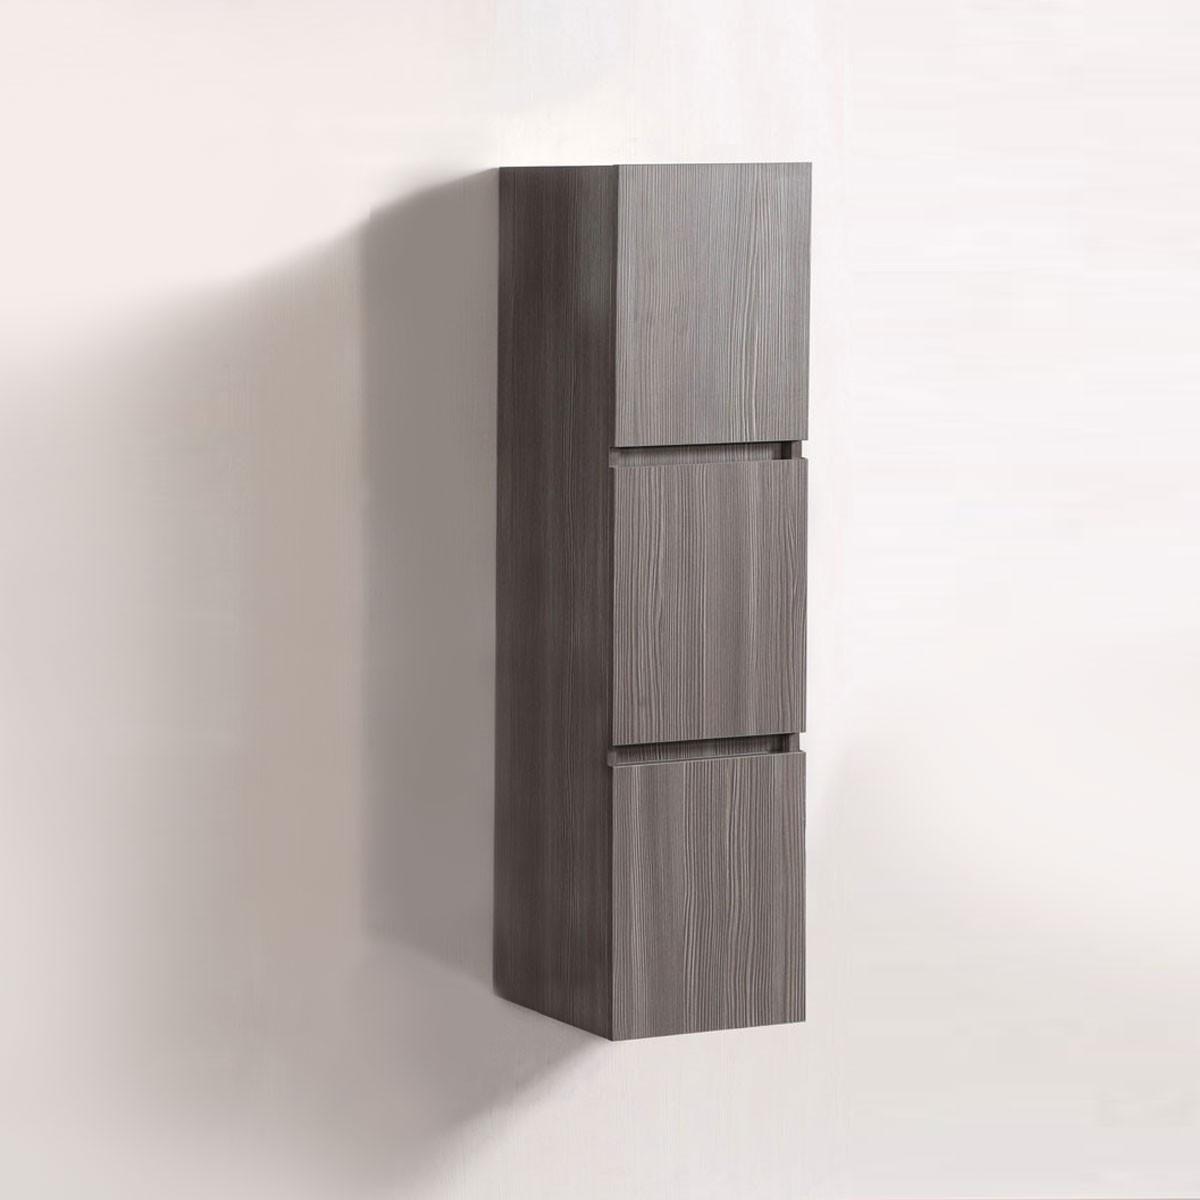 14 x 47 In. Wall Mount Bathroom Linen Cabinet (DK-T5167A-S)